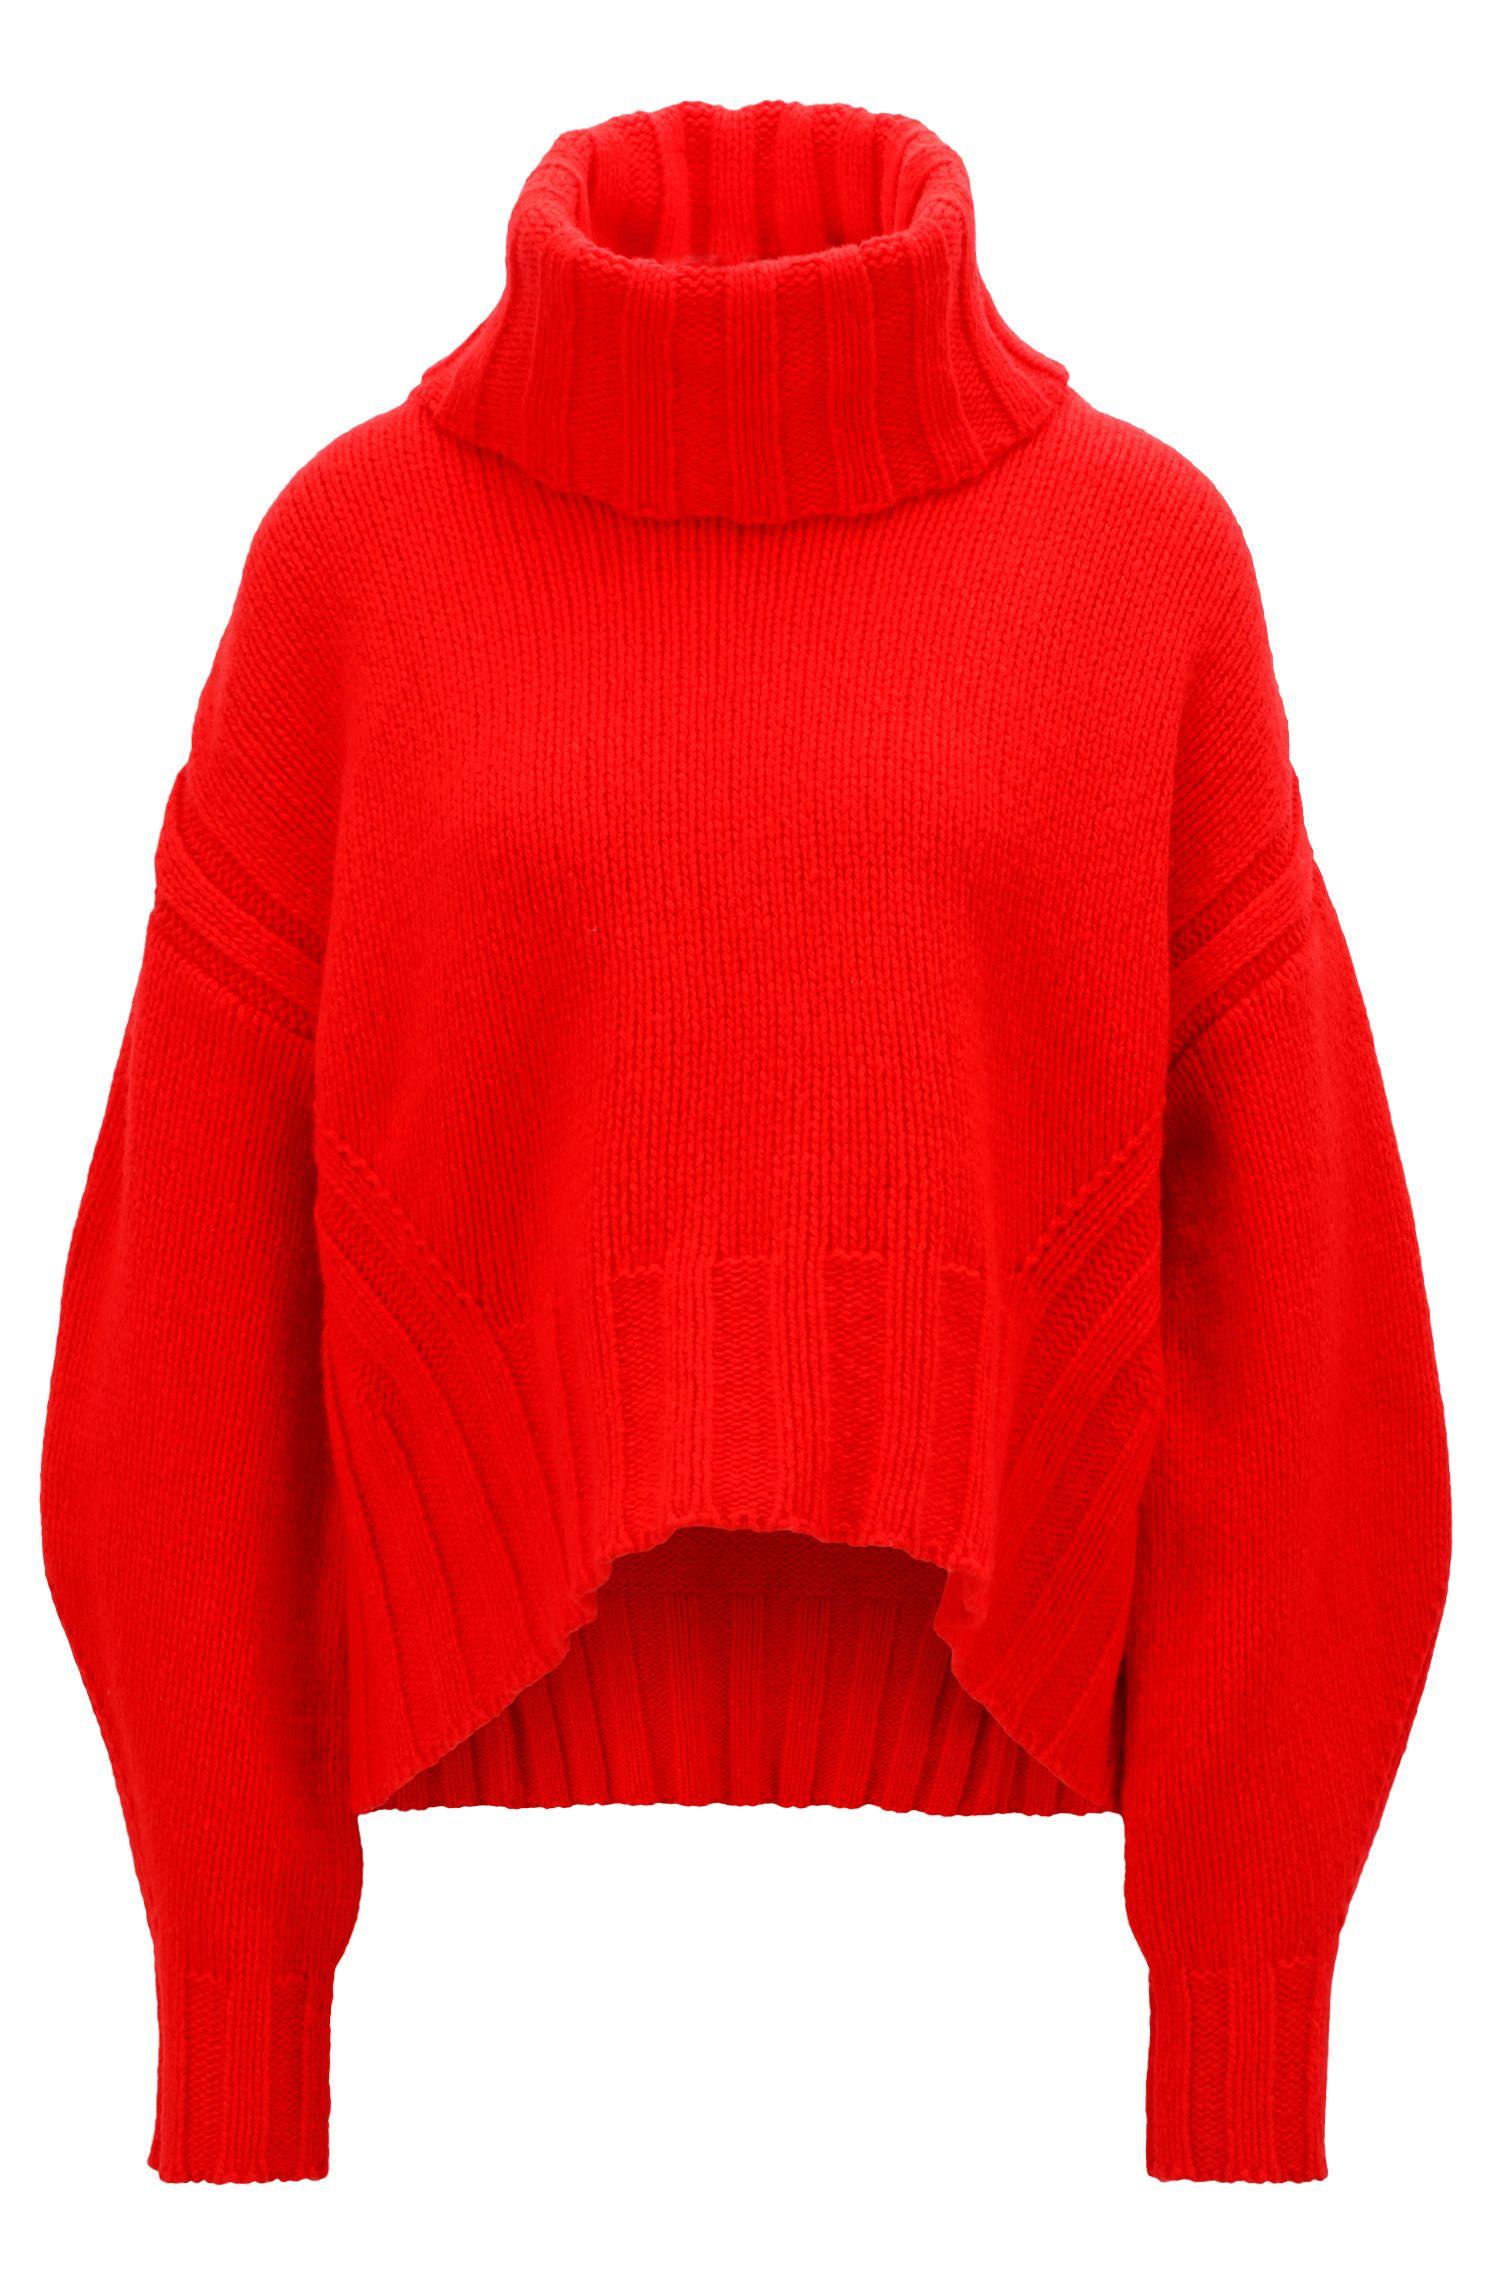 Turtleneck sweater in an air-spun virgin-wool blend, Red